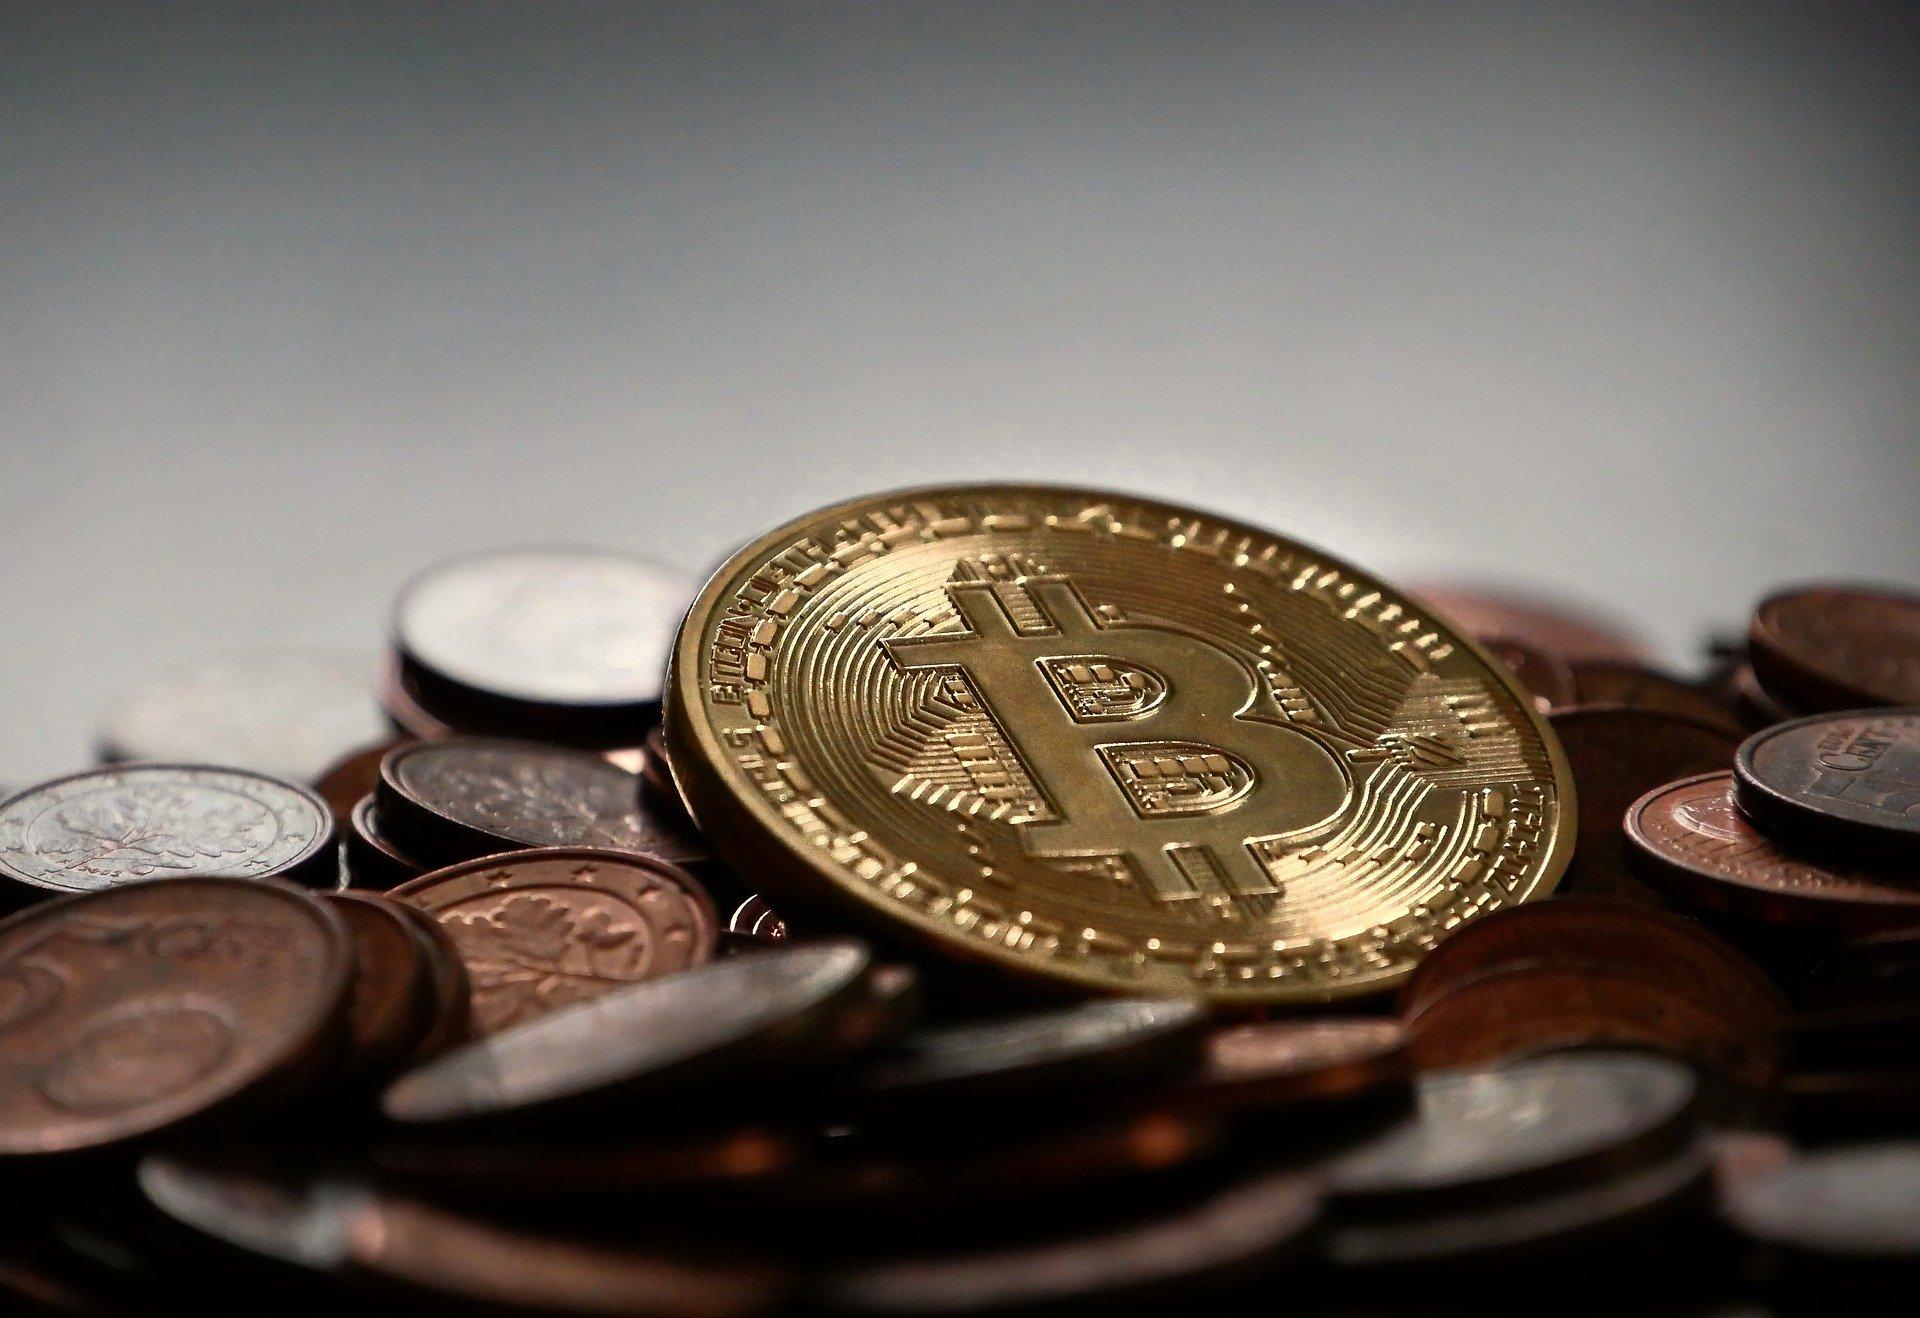 La Banque d'Indonésie avertit que Bitcoin est toujours interdit comme moyen paiement dans le pays